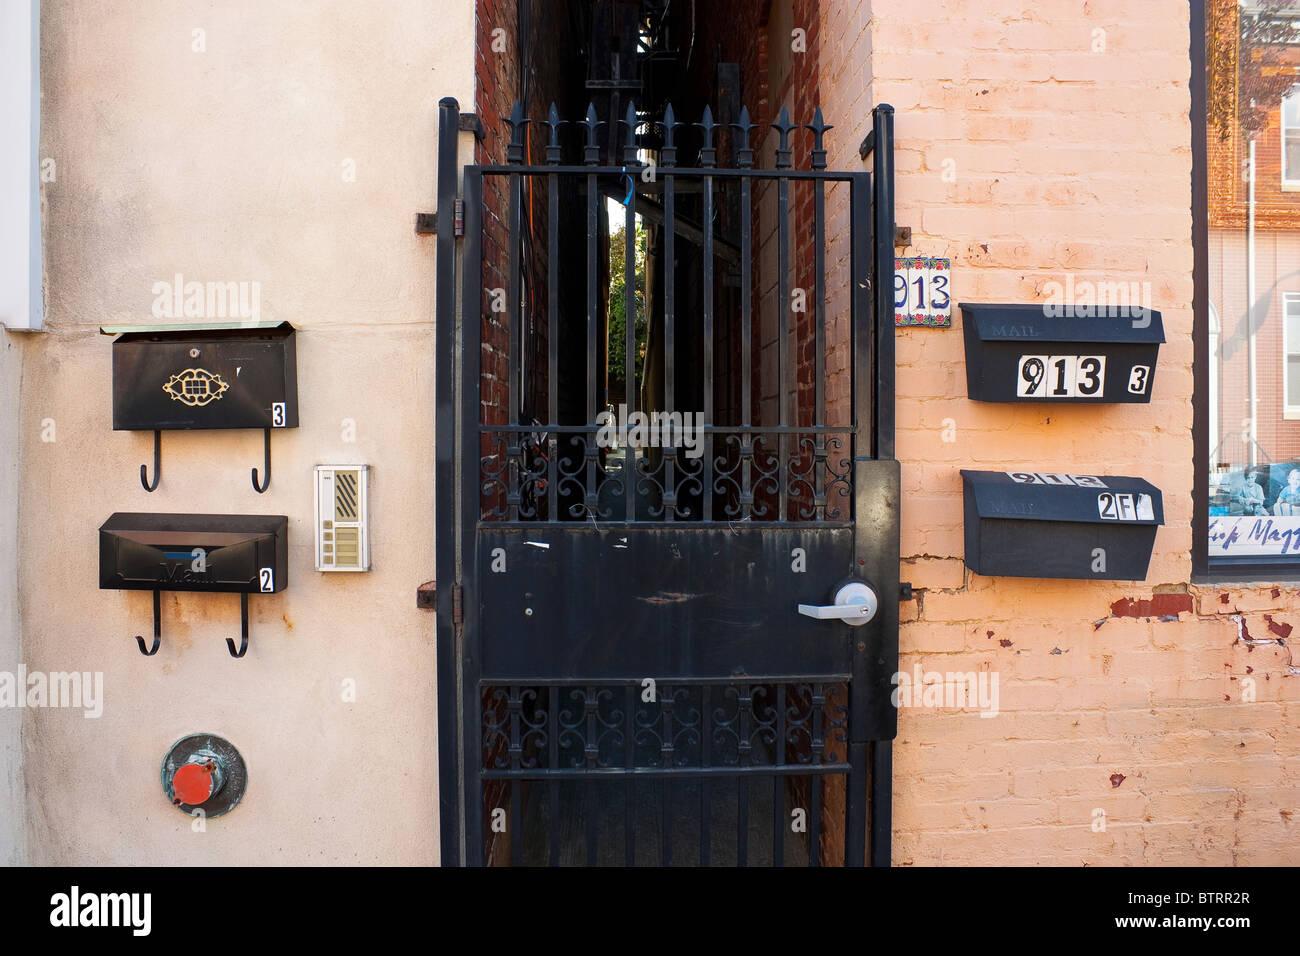 Apartment Door Numbers Stock Photos & Apartment Door Numbers ...